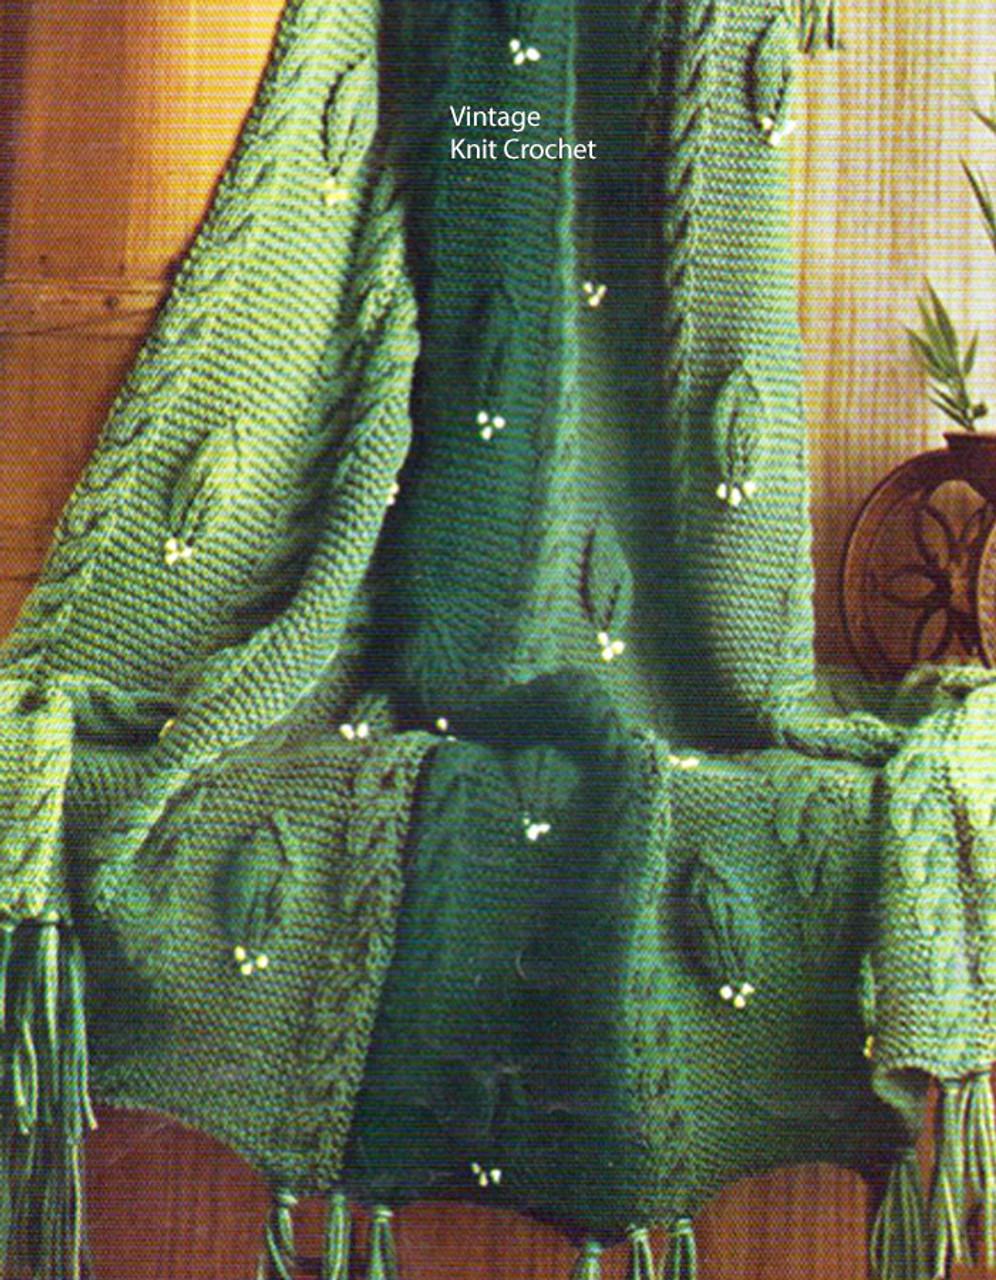 Knitted Leaf Motif Blanket Pattern No 742-14